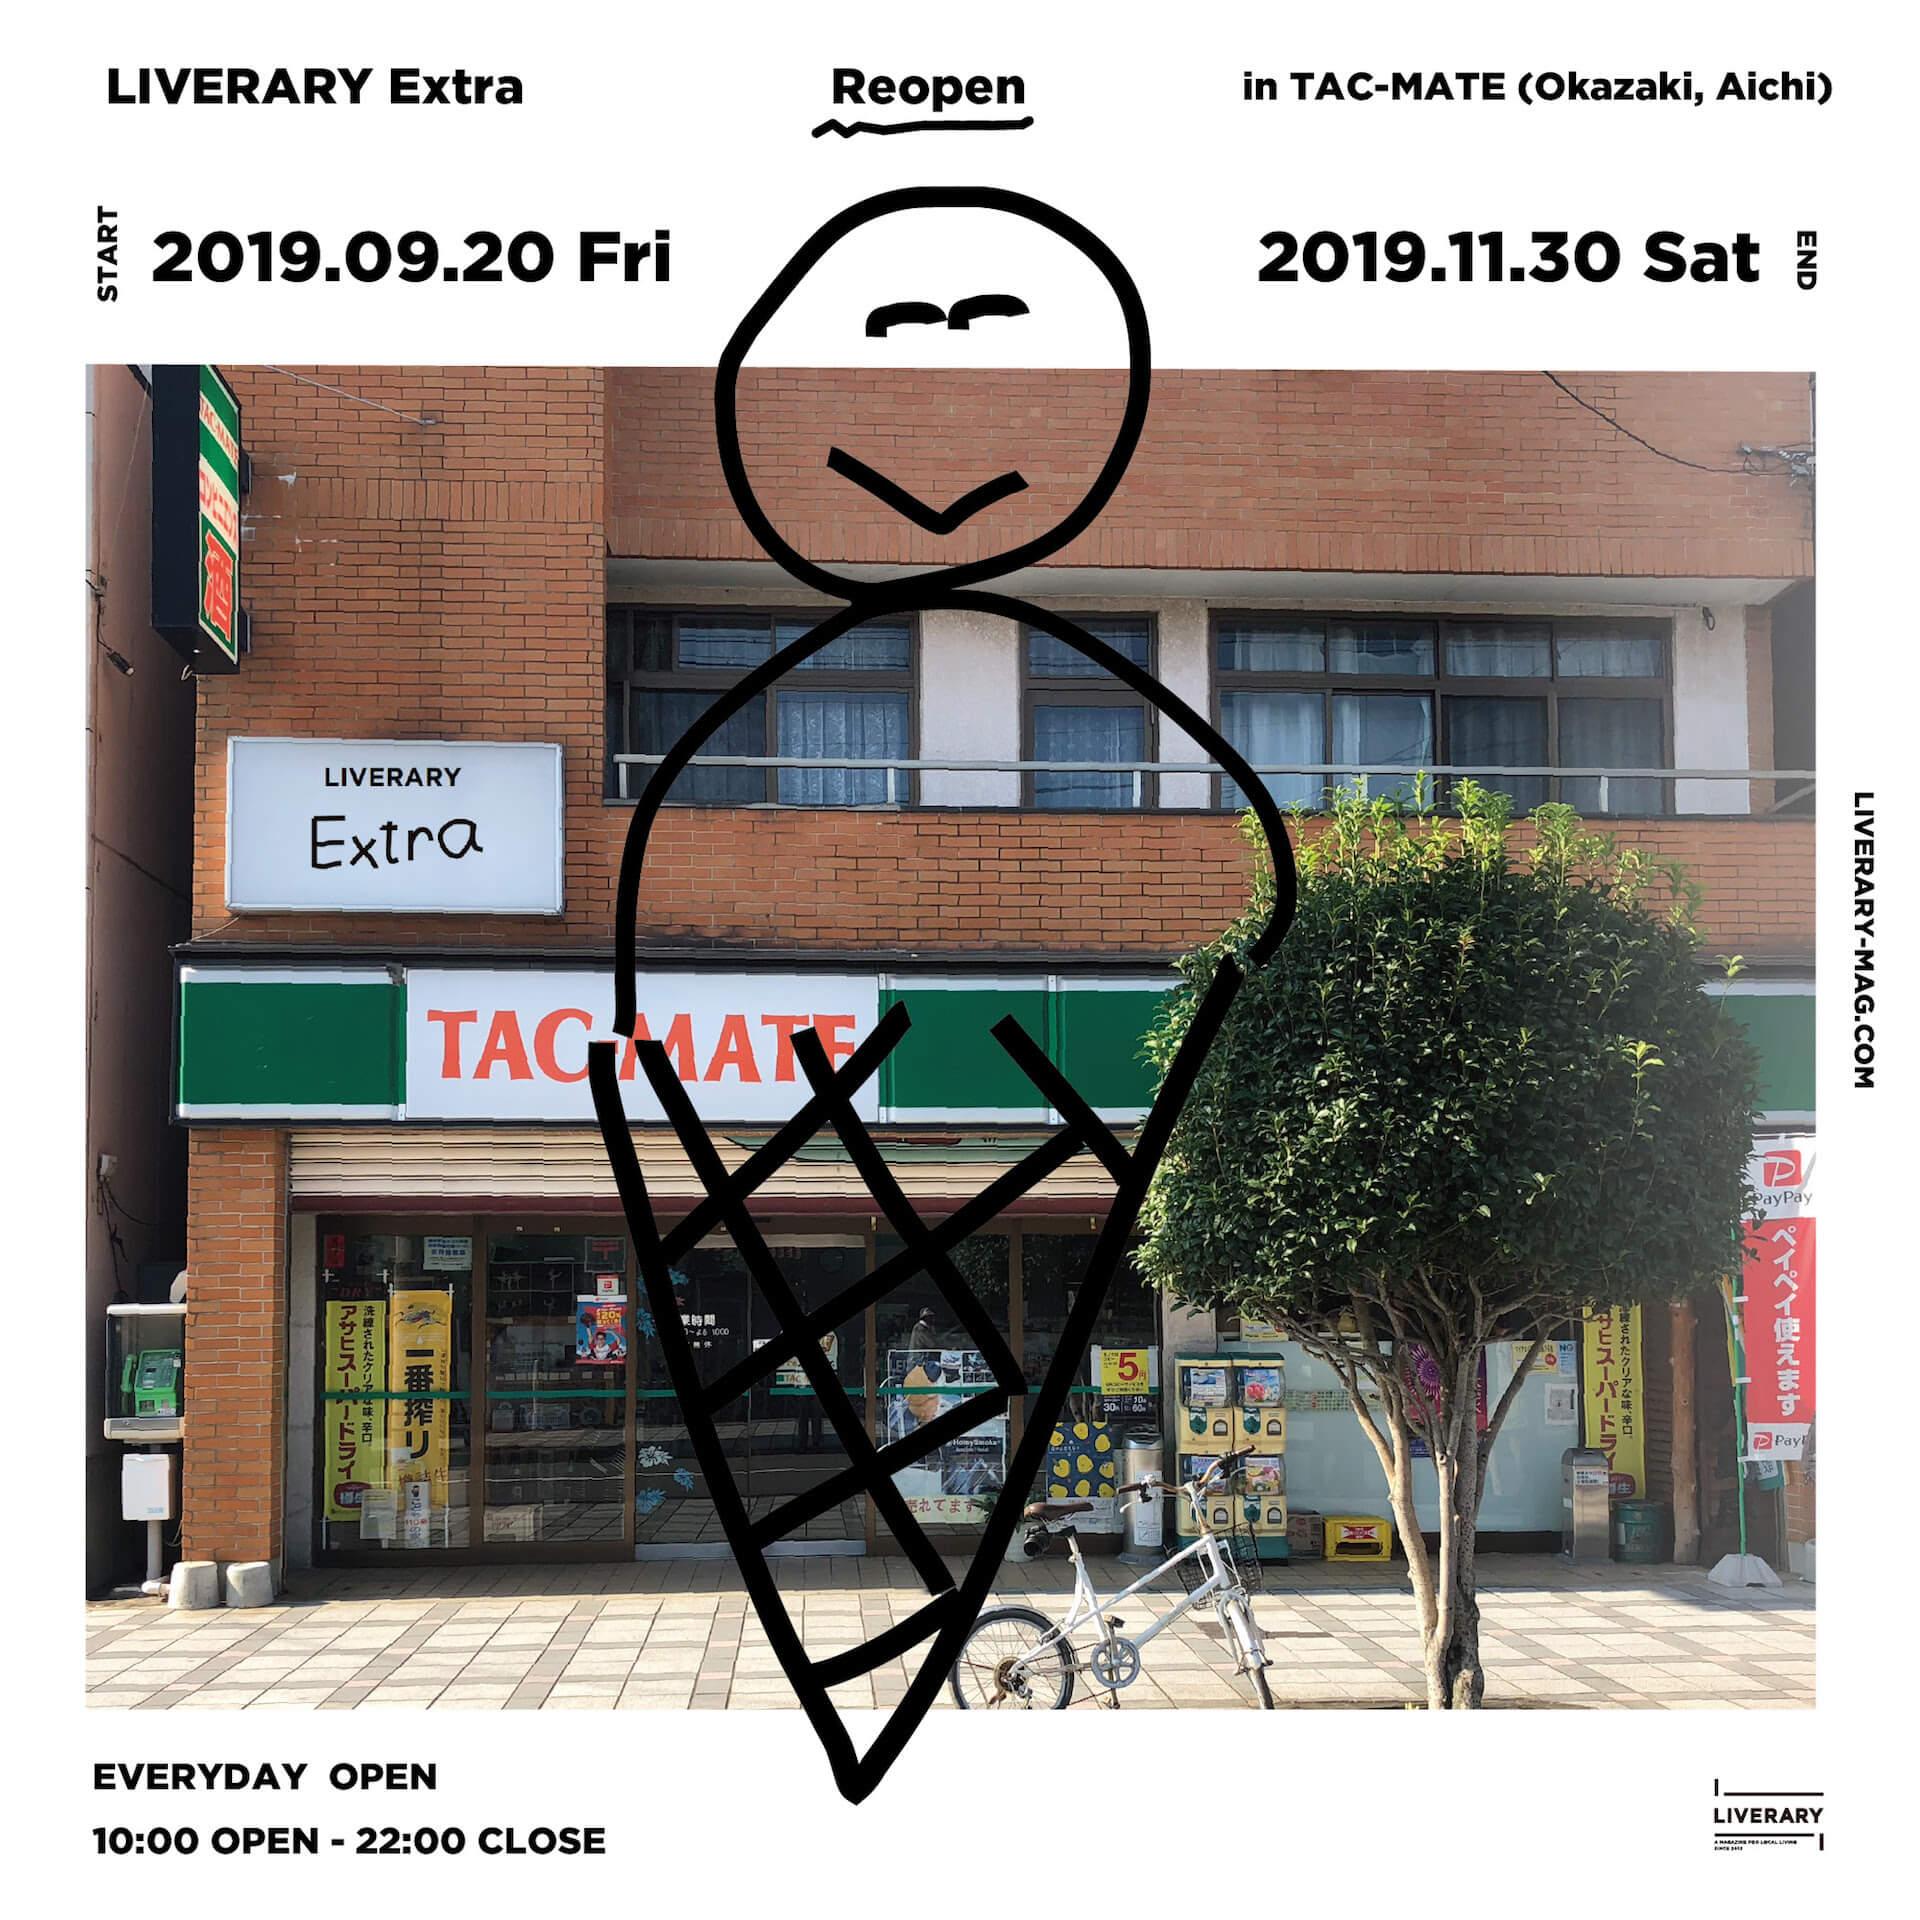 コンビニの半分を改装したポップアップショップ|平山昌尚、加賀美健、とんだ林蘭、チーム未完成らが参加する「LIVERARY Extra Season2」が開催 art-culture190919-liverary-extra-1